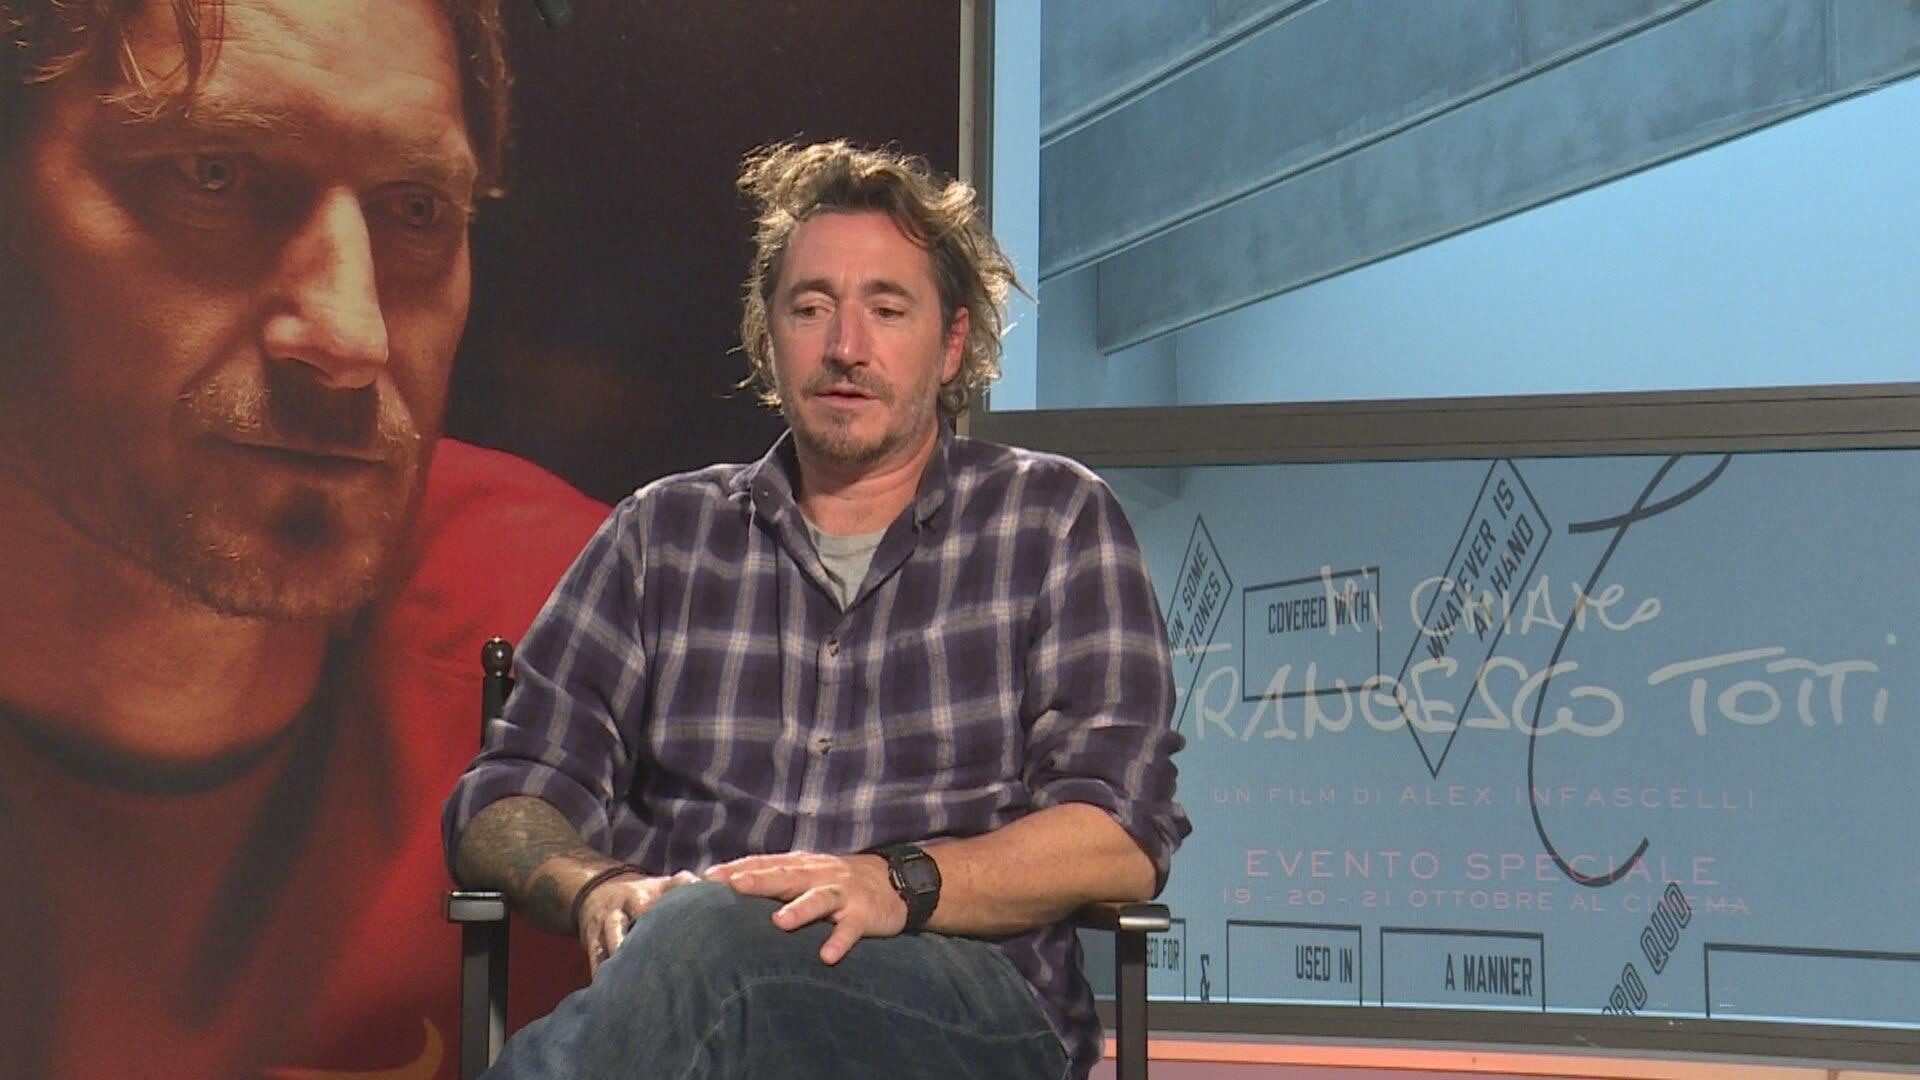 Festa del Cinema 15. Alex Infascelli racconta il suo film su Francesco Totti  - Video - Rai News